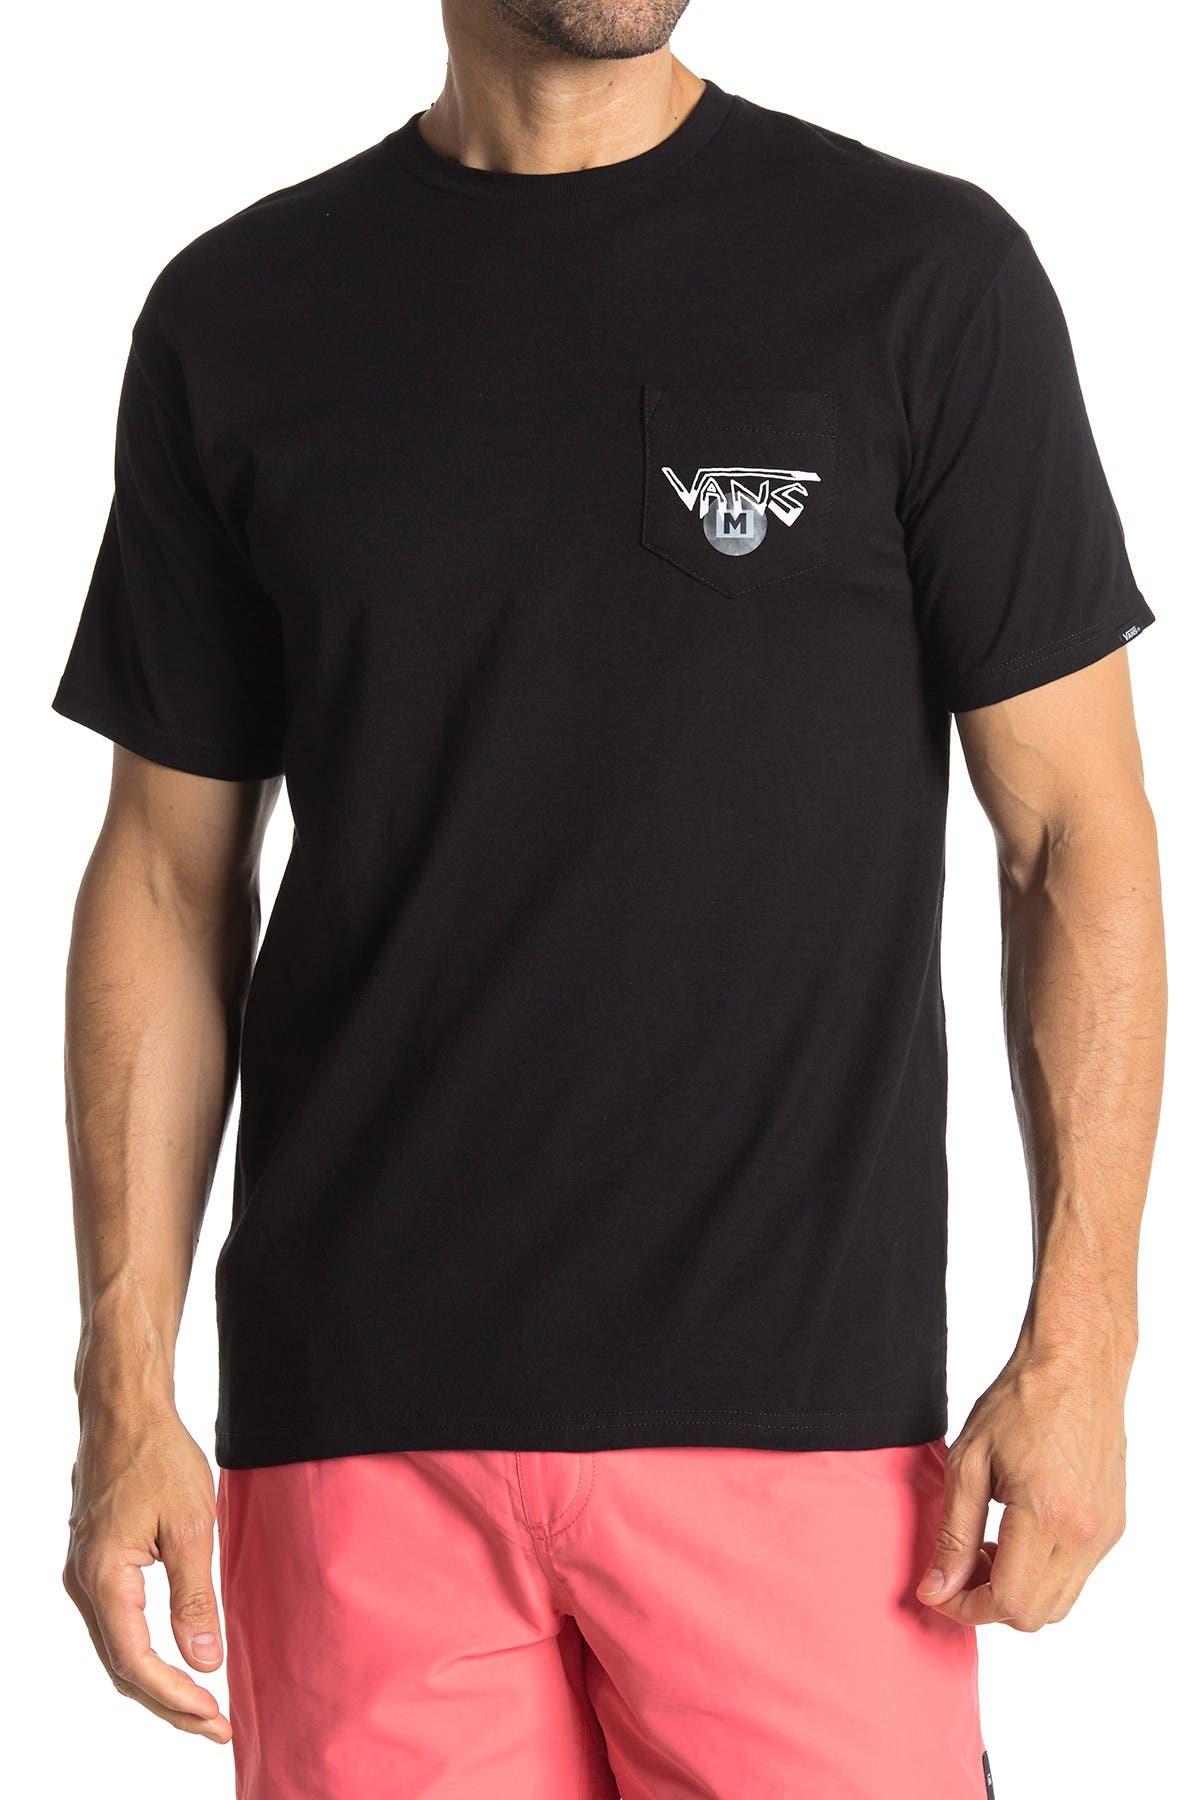 Image of VANS Rowan Zorilla Skull Short Sleeve T-Shirt